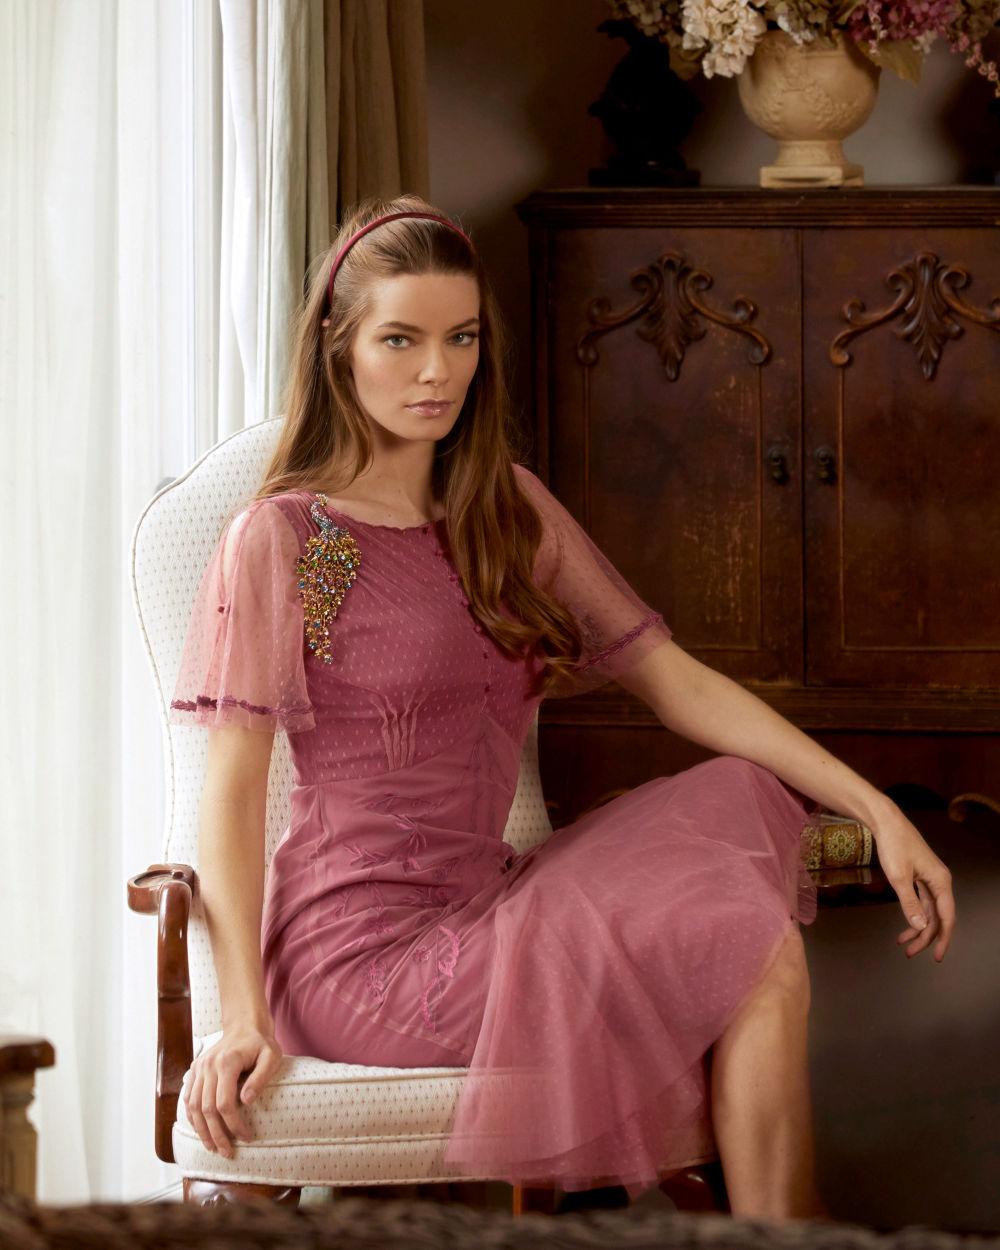 Dress by Nataya